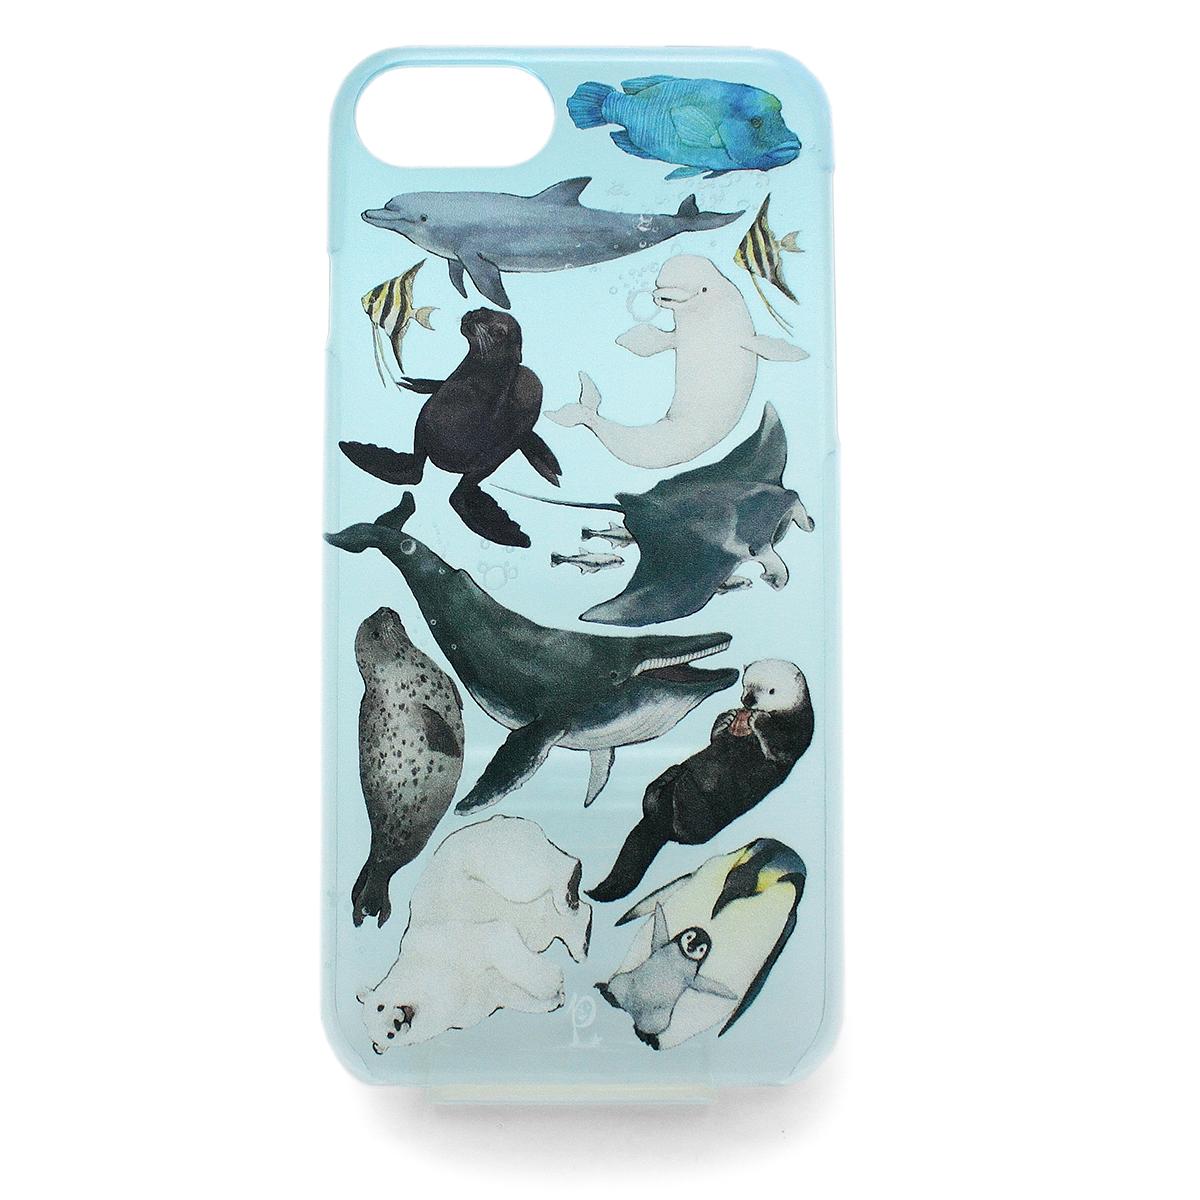 【セール】水族館(ハード)/ スマートフォンケース (iPhone8/iPhone7/6s/6兼用)